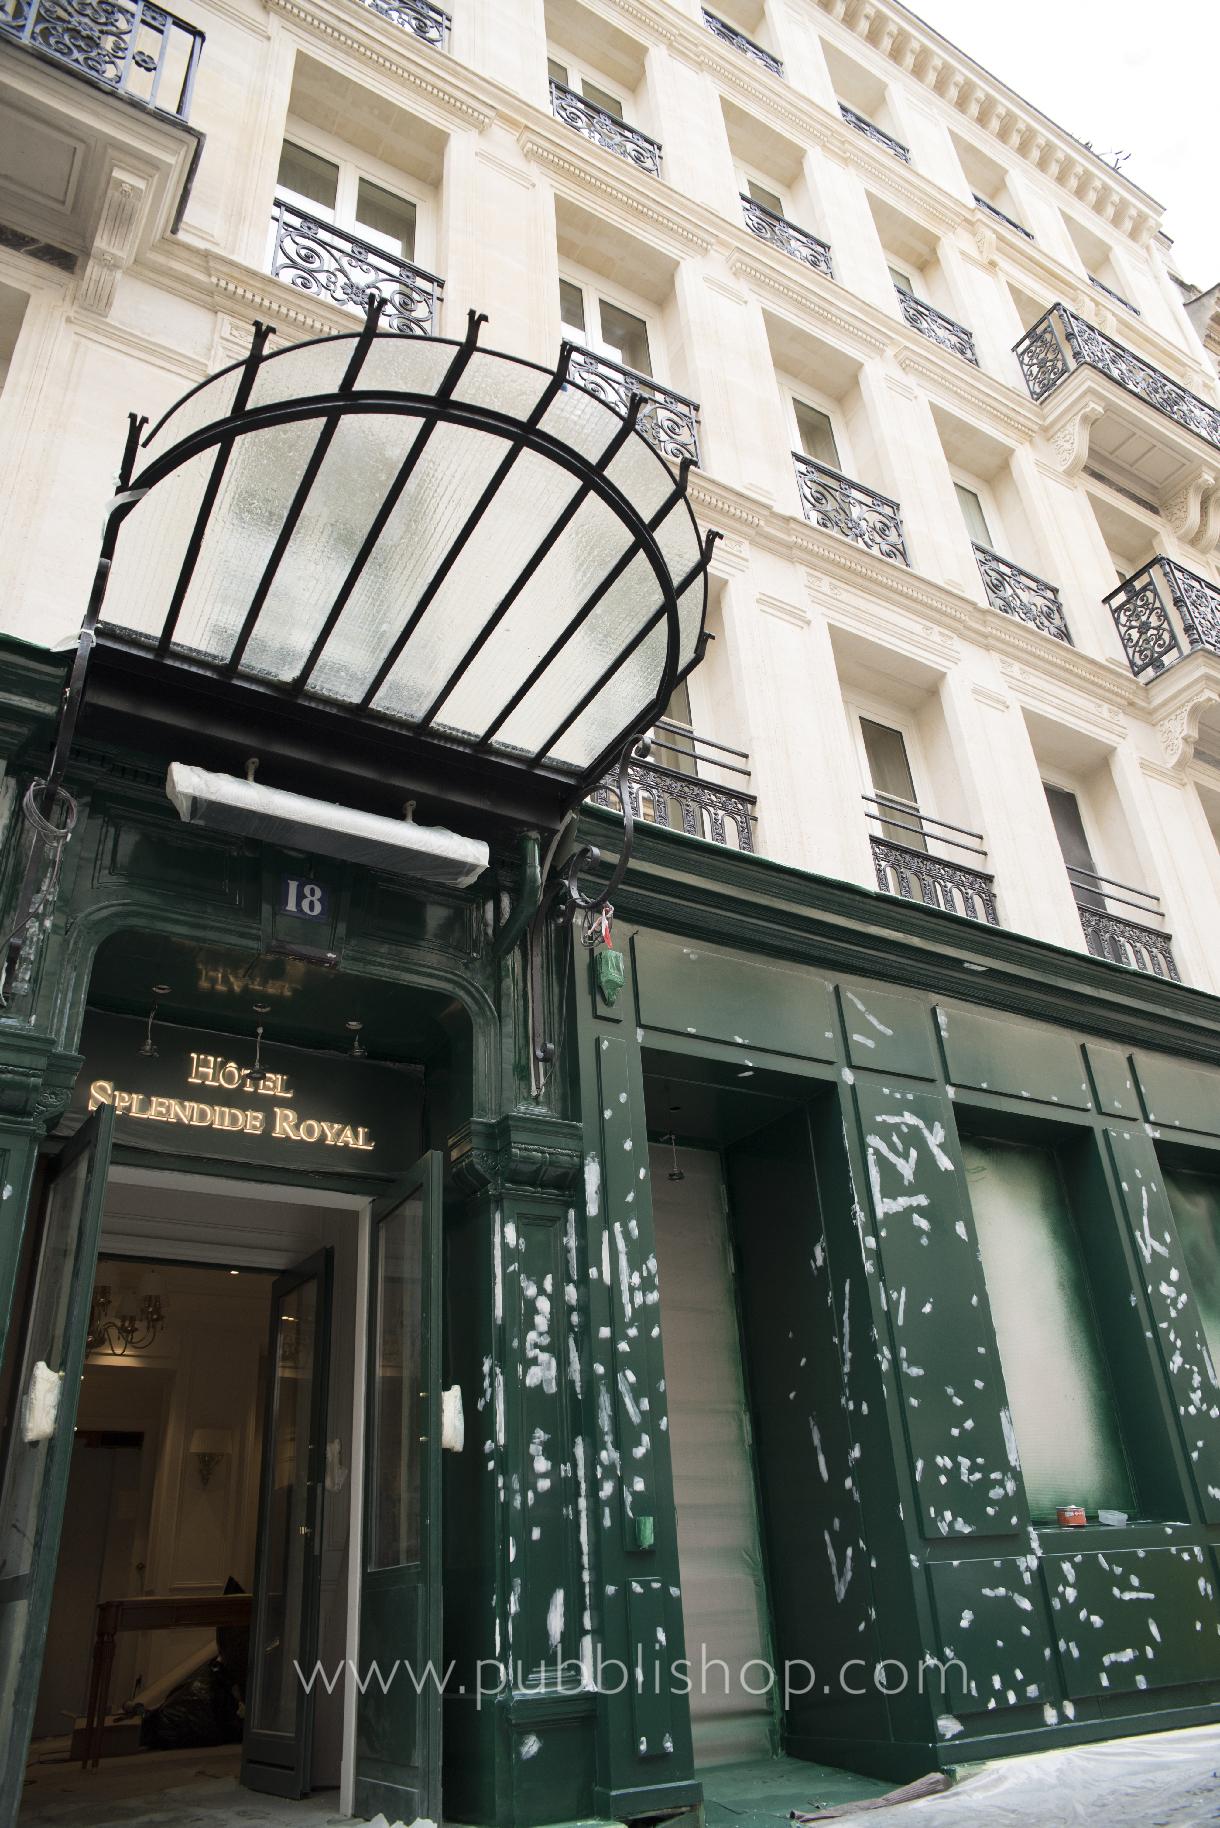 Hotel Splendide Royal 15.2